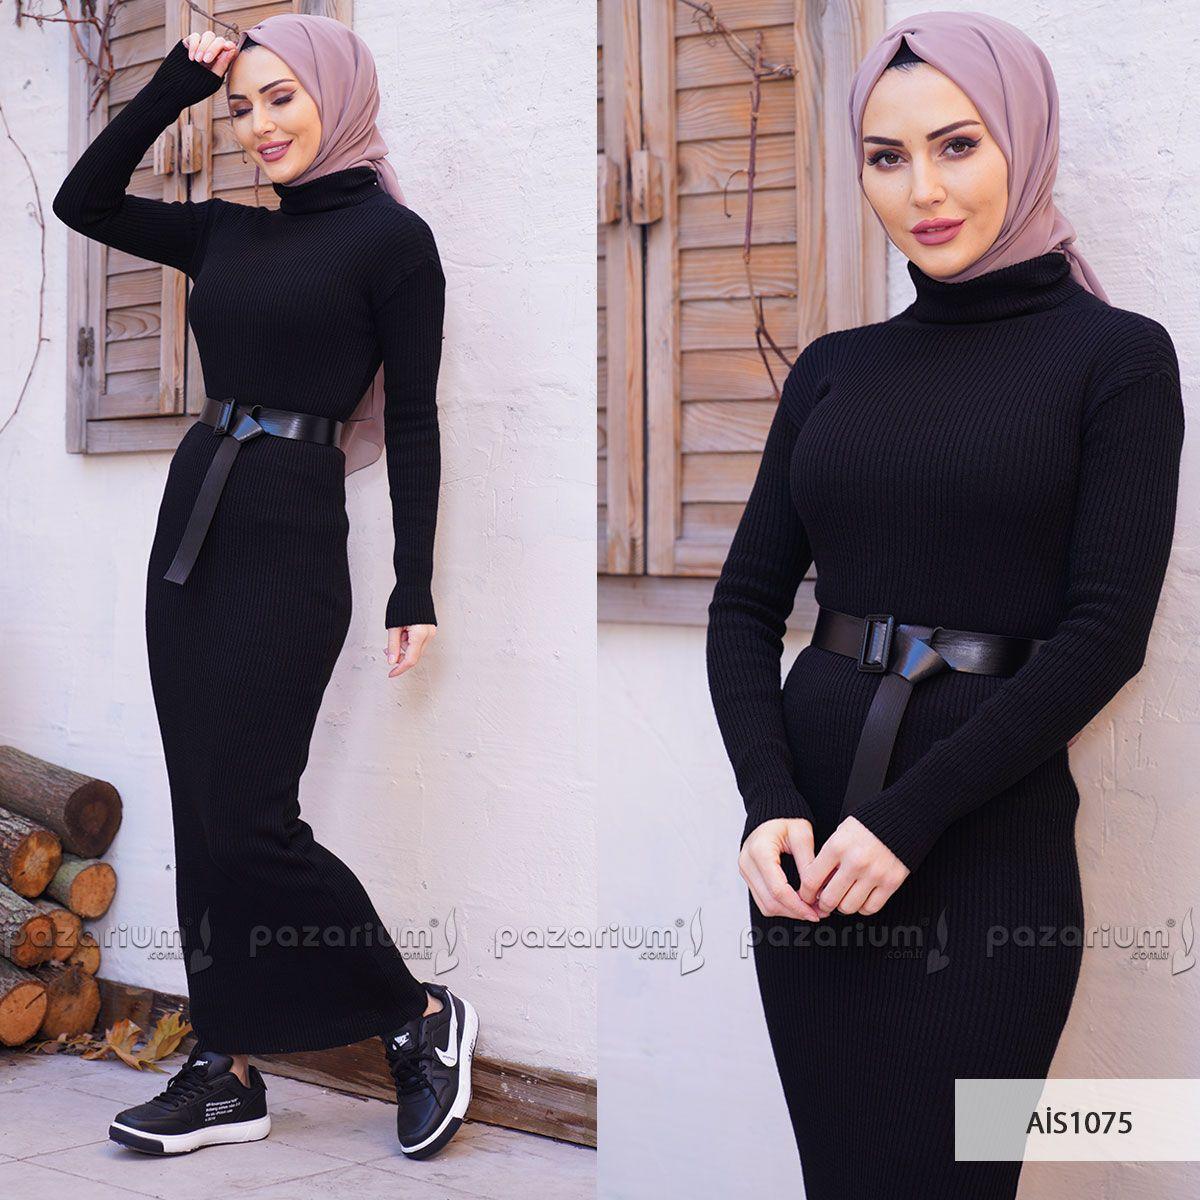 Siyah Renkli Triko Elbise Yeni Sezon Modelleri Arasinda Yer Almaktadir Kullanimi Oldukca Rahat Olan Triko Elbise Esnek Kumas Yapisin Moda Stilleri Moda Elbise